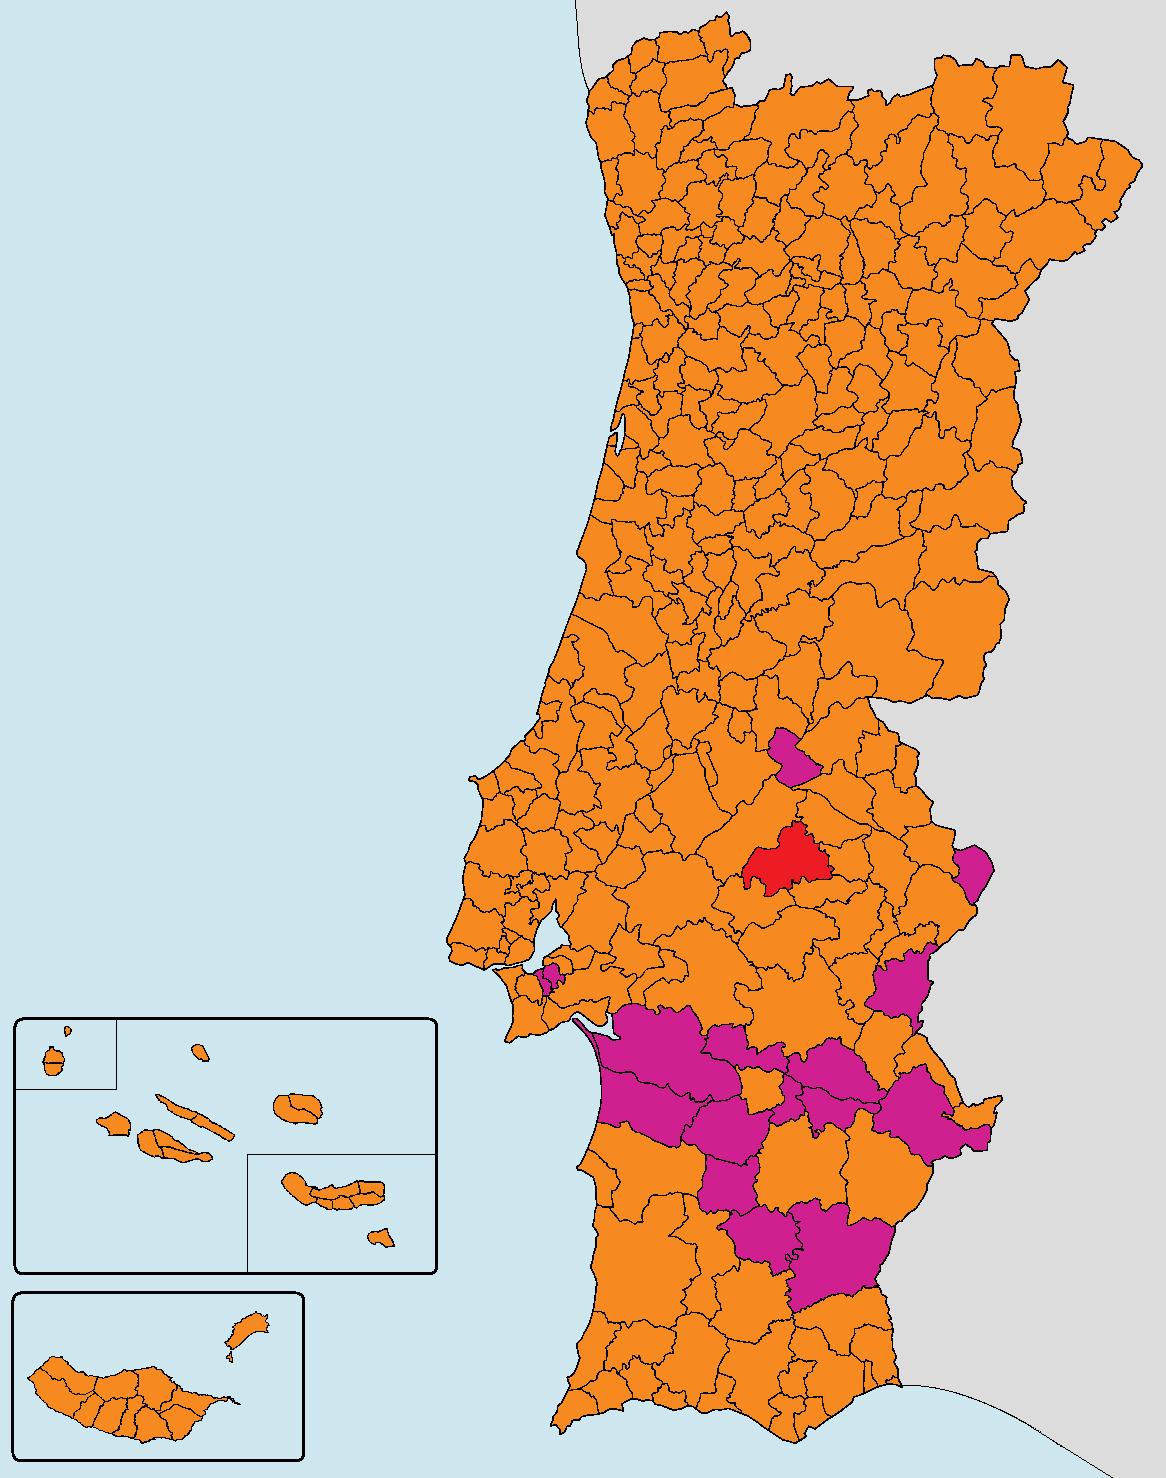 mapa eleitoral portugal Ficheiro:Mapa dos resultados da eleição presidencial de Portugal  mapa eleitoral portugal